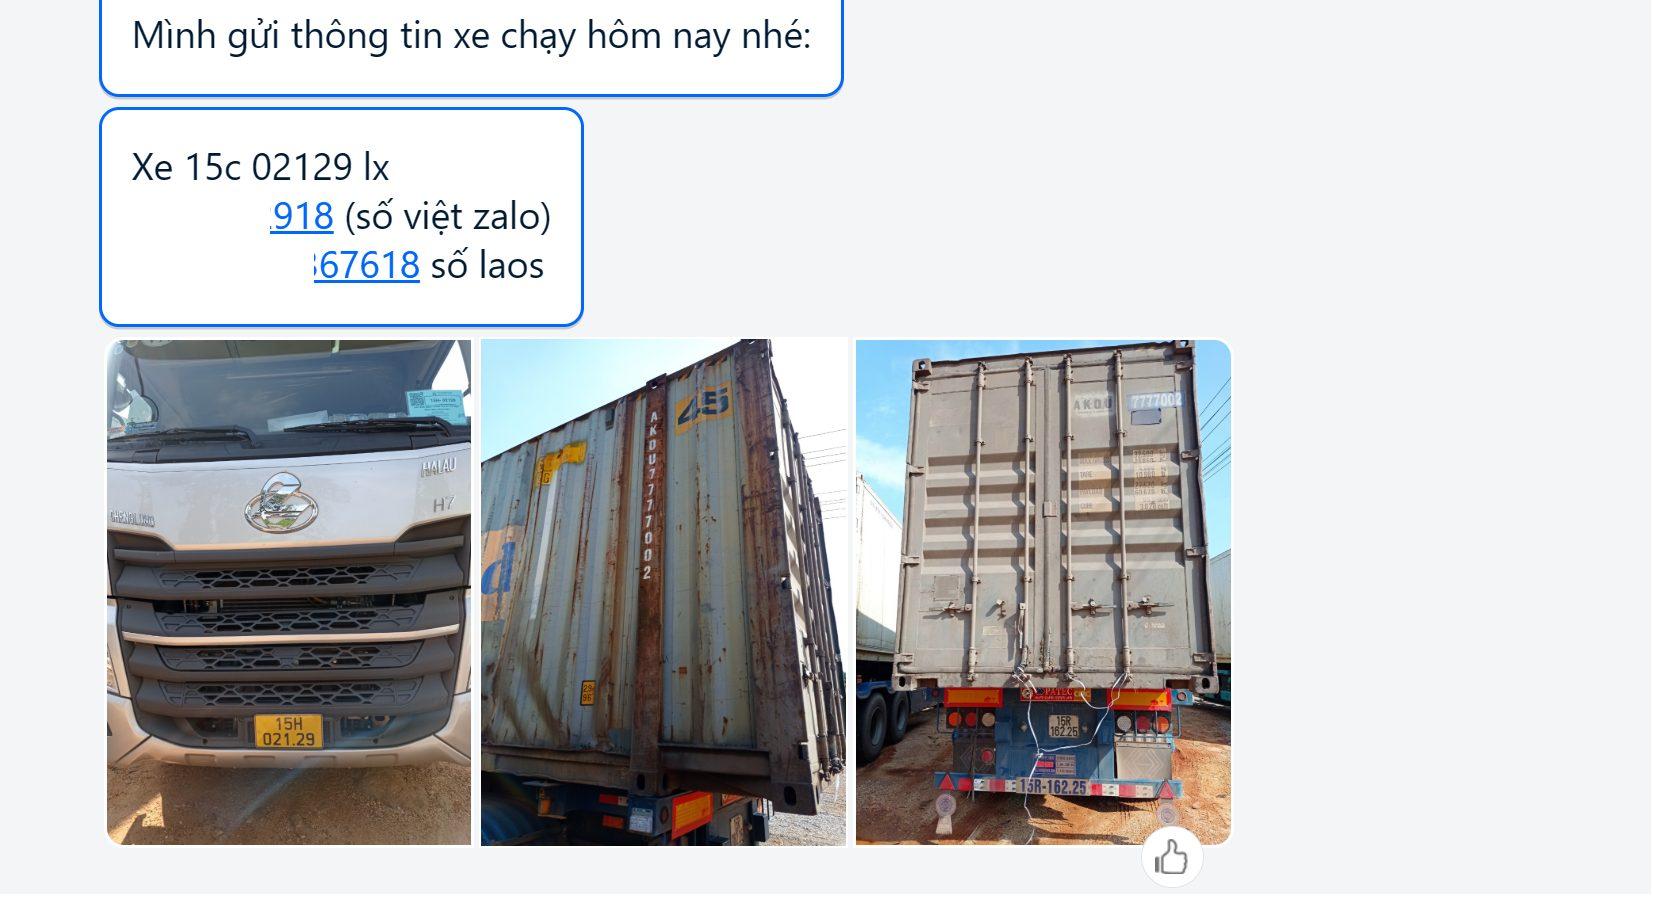 Thủ tục hải quan, vận chuyển vải vóc từ Lào có khó không?